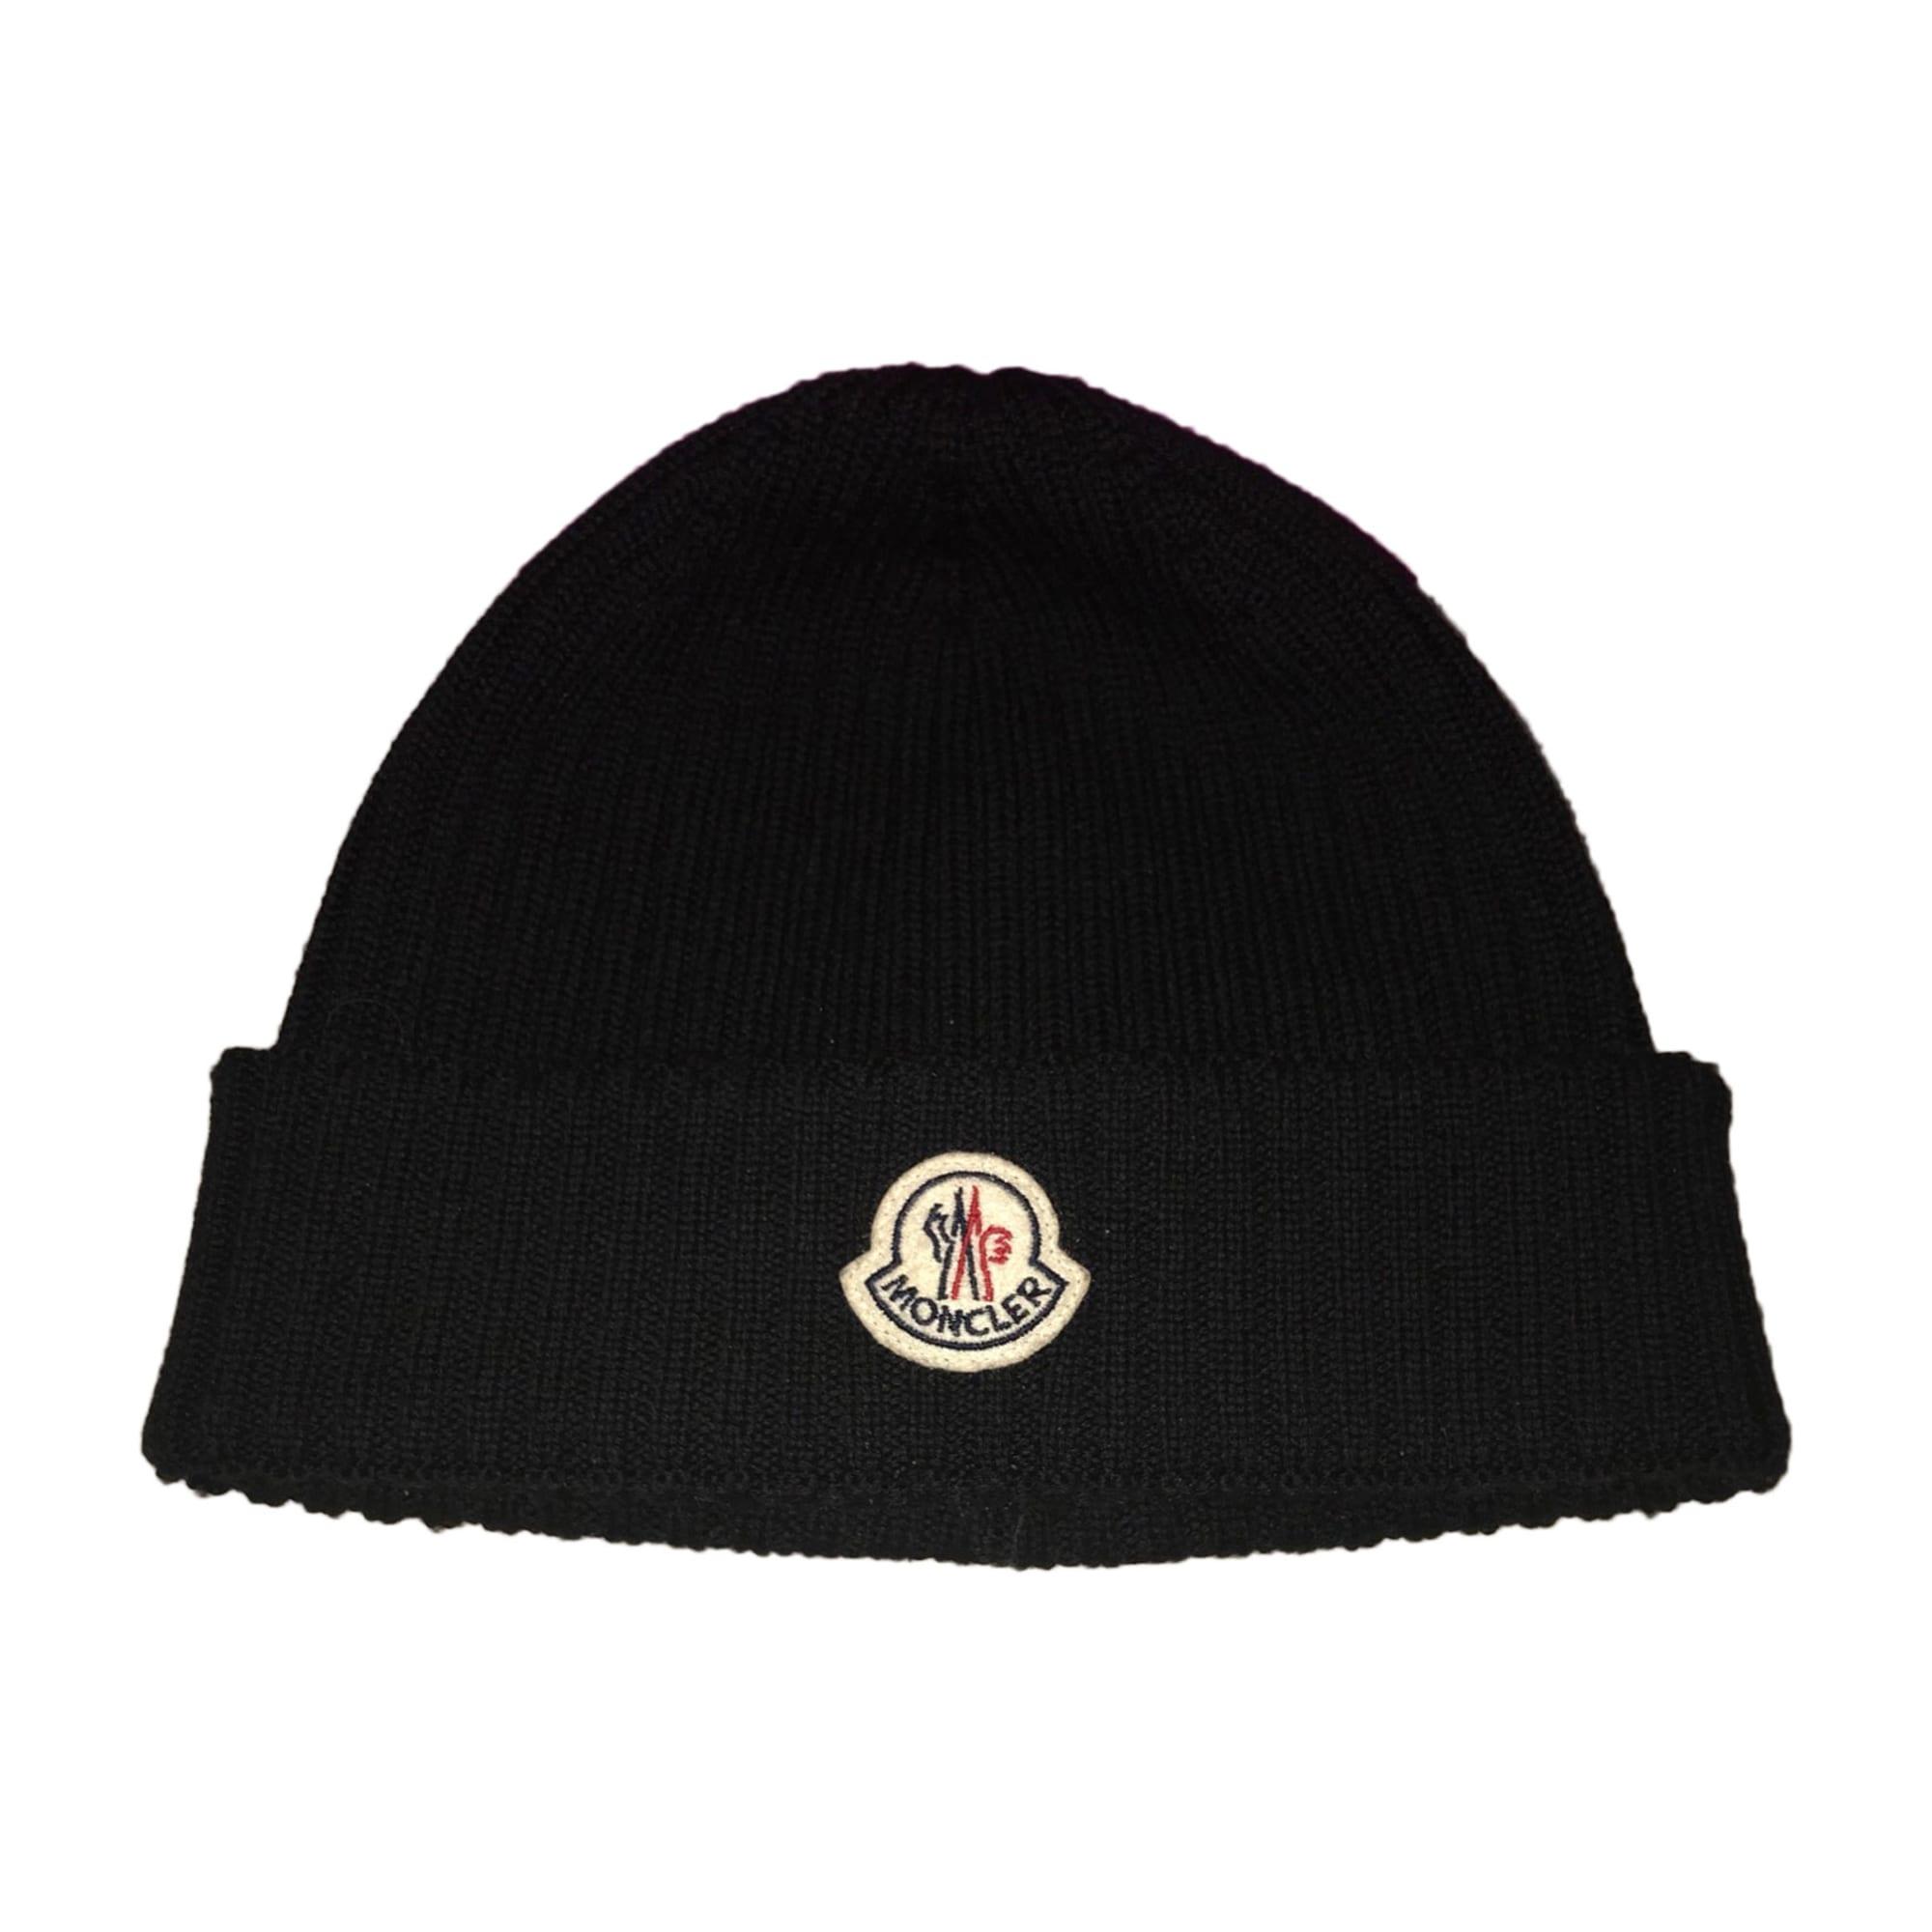 bonnets moncler